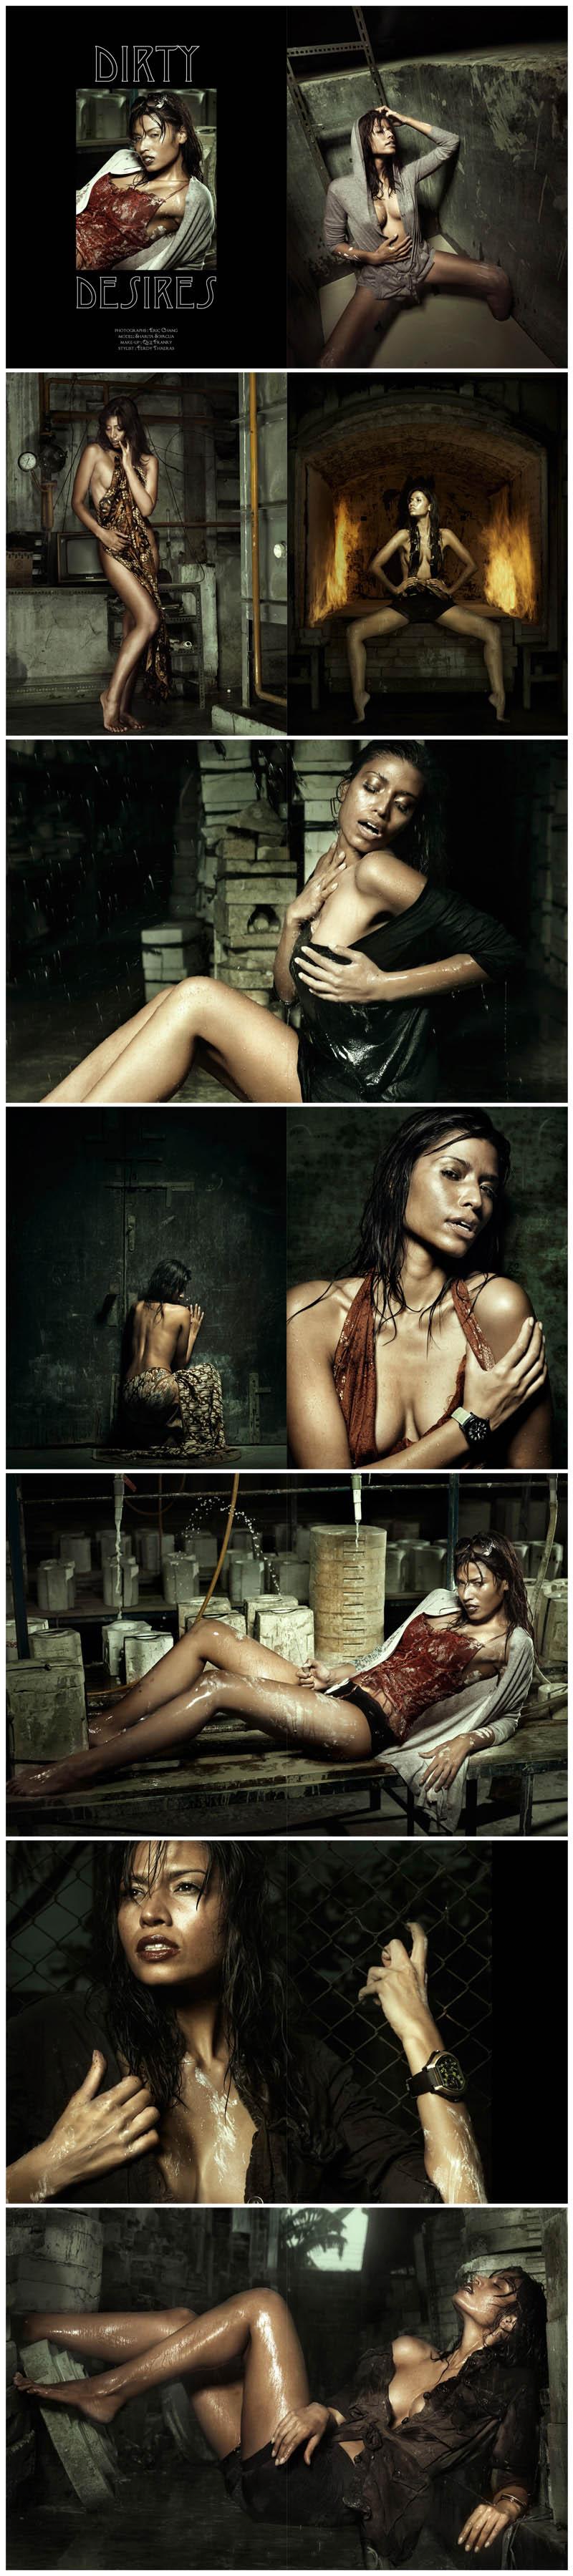 May 01, 2010 Dirty Desires - Sharita Sopacua (Miss Netherlands 2005)